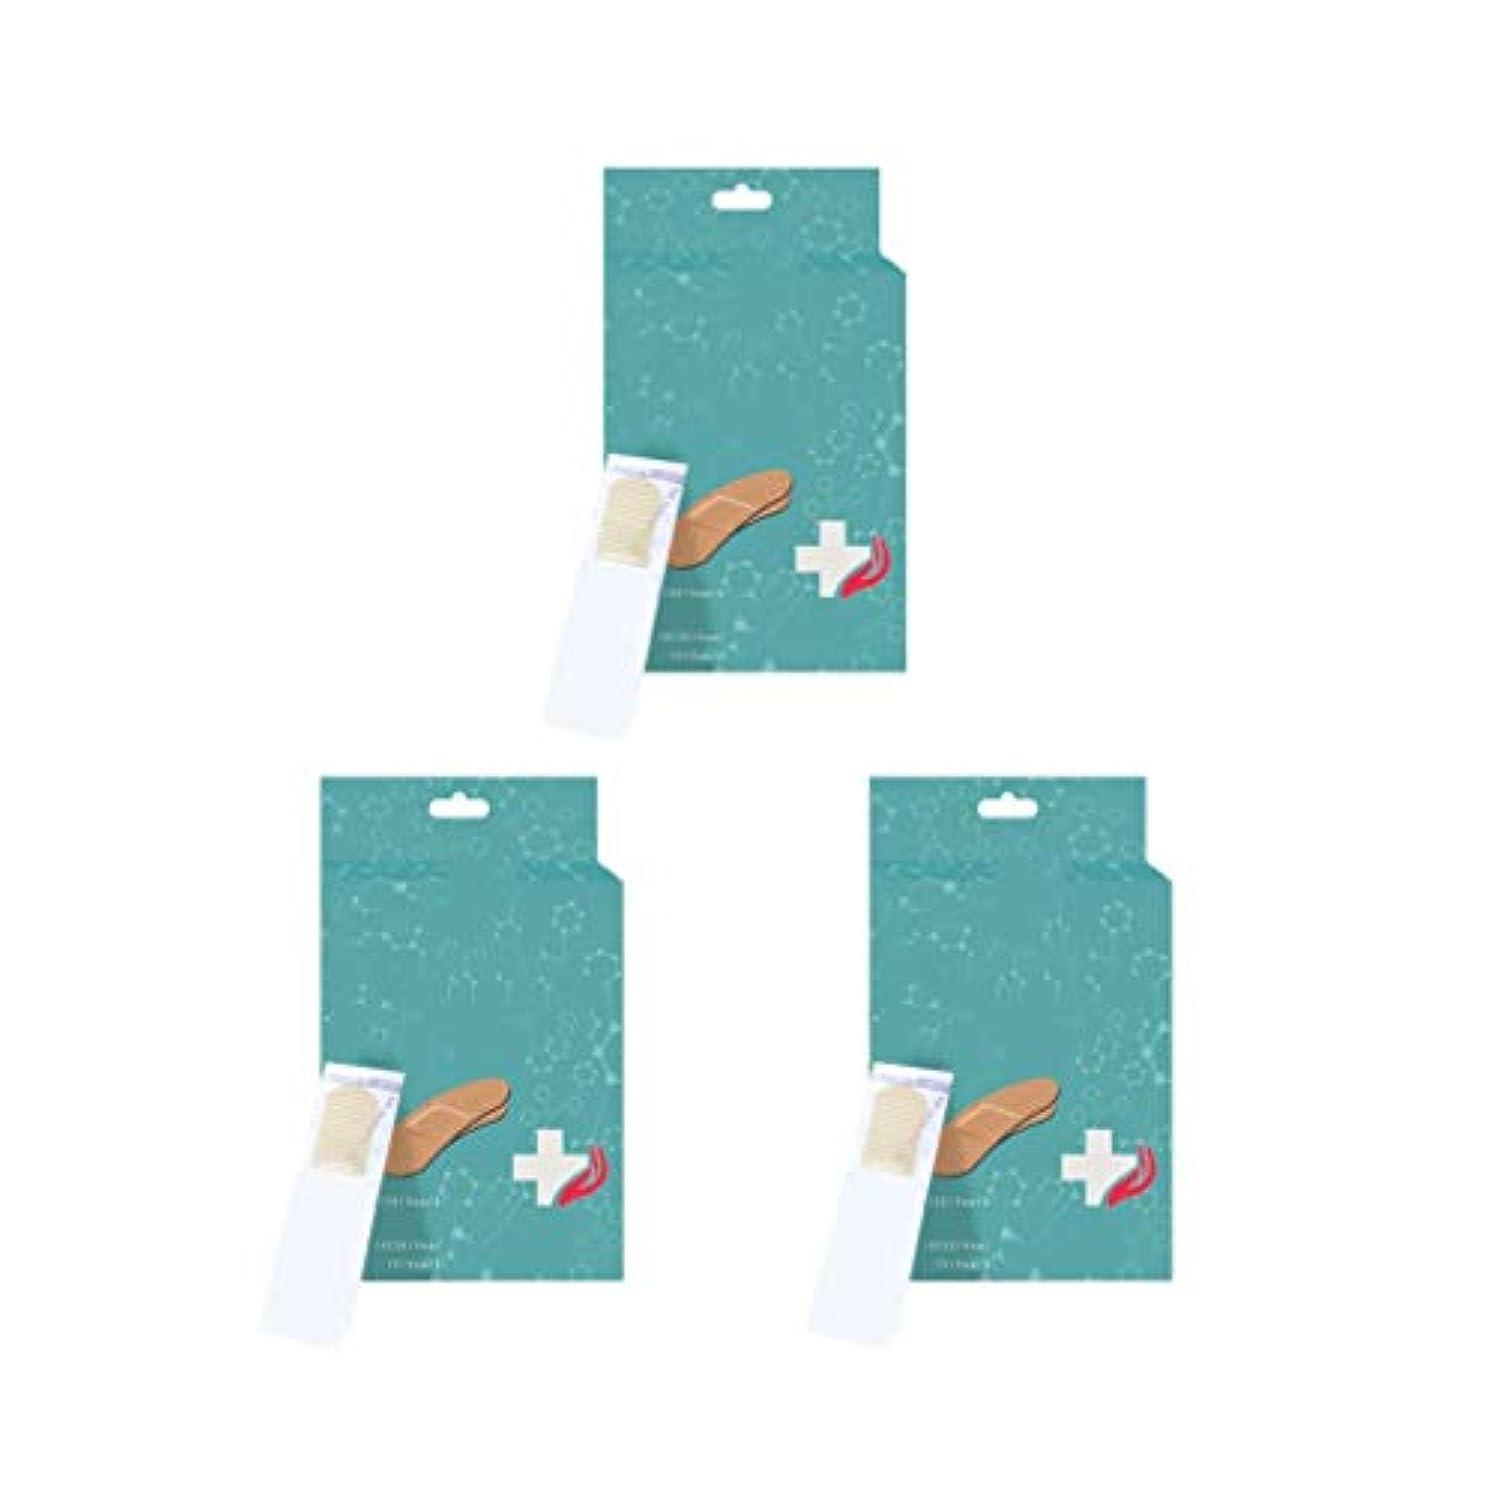 強大な価格ルームSUPVOX 3箱のバンドエイド防水通気性弾性耐久性のある実用的な創傷パッチバンドエイド家庭用屋外用包帯(顔色)